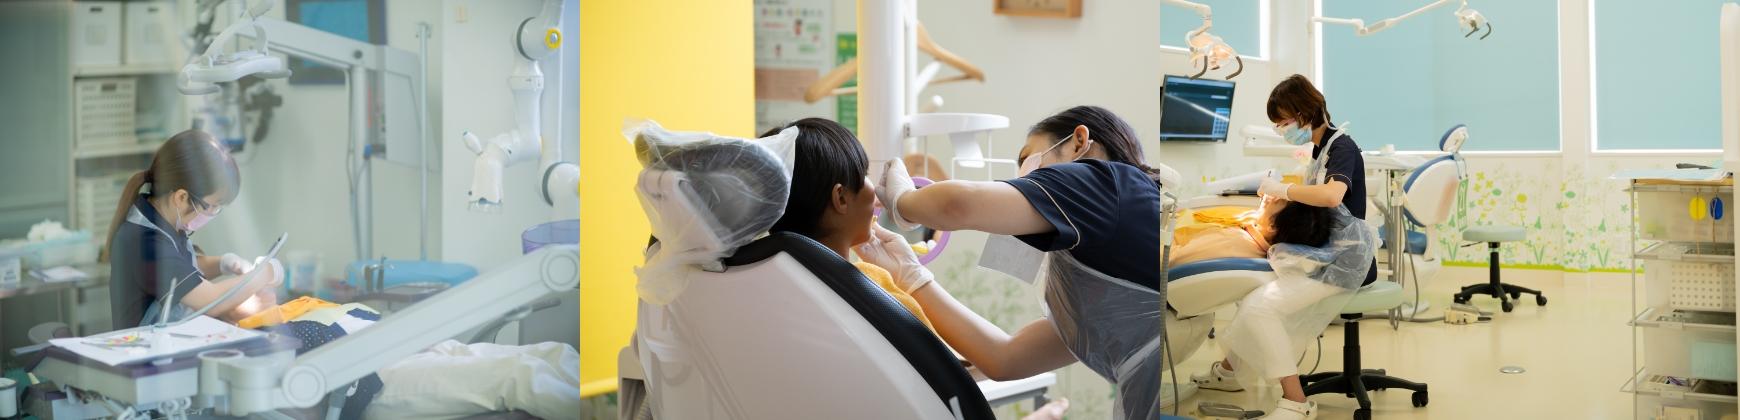 広島県安芸郡海田町の歯科医院「ひまわり歯科」新人教育システム